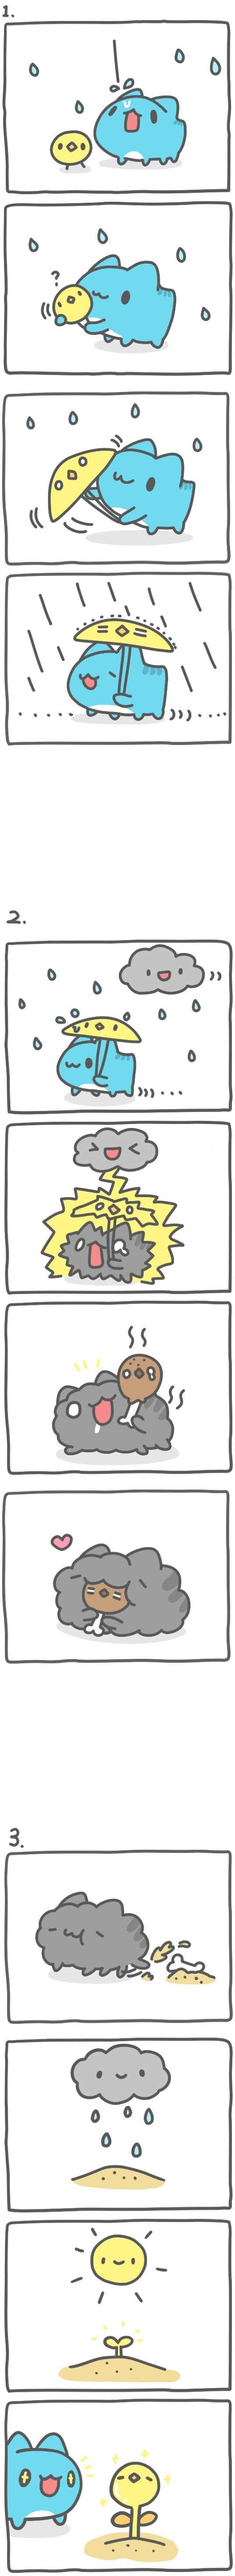 Truyện Mìn Lèo #460: Gà con